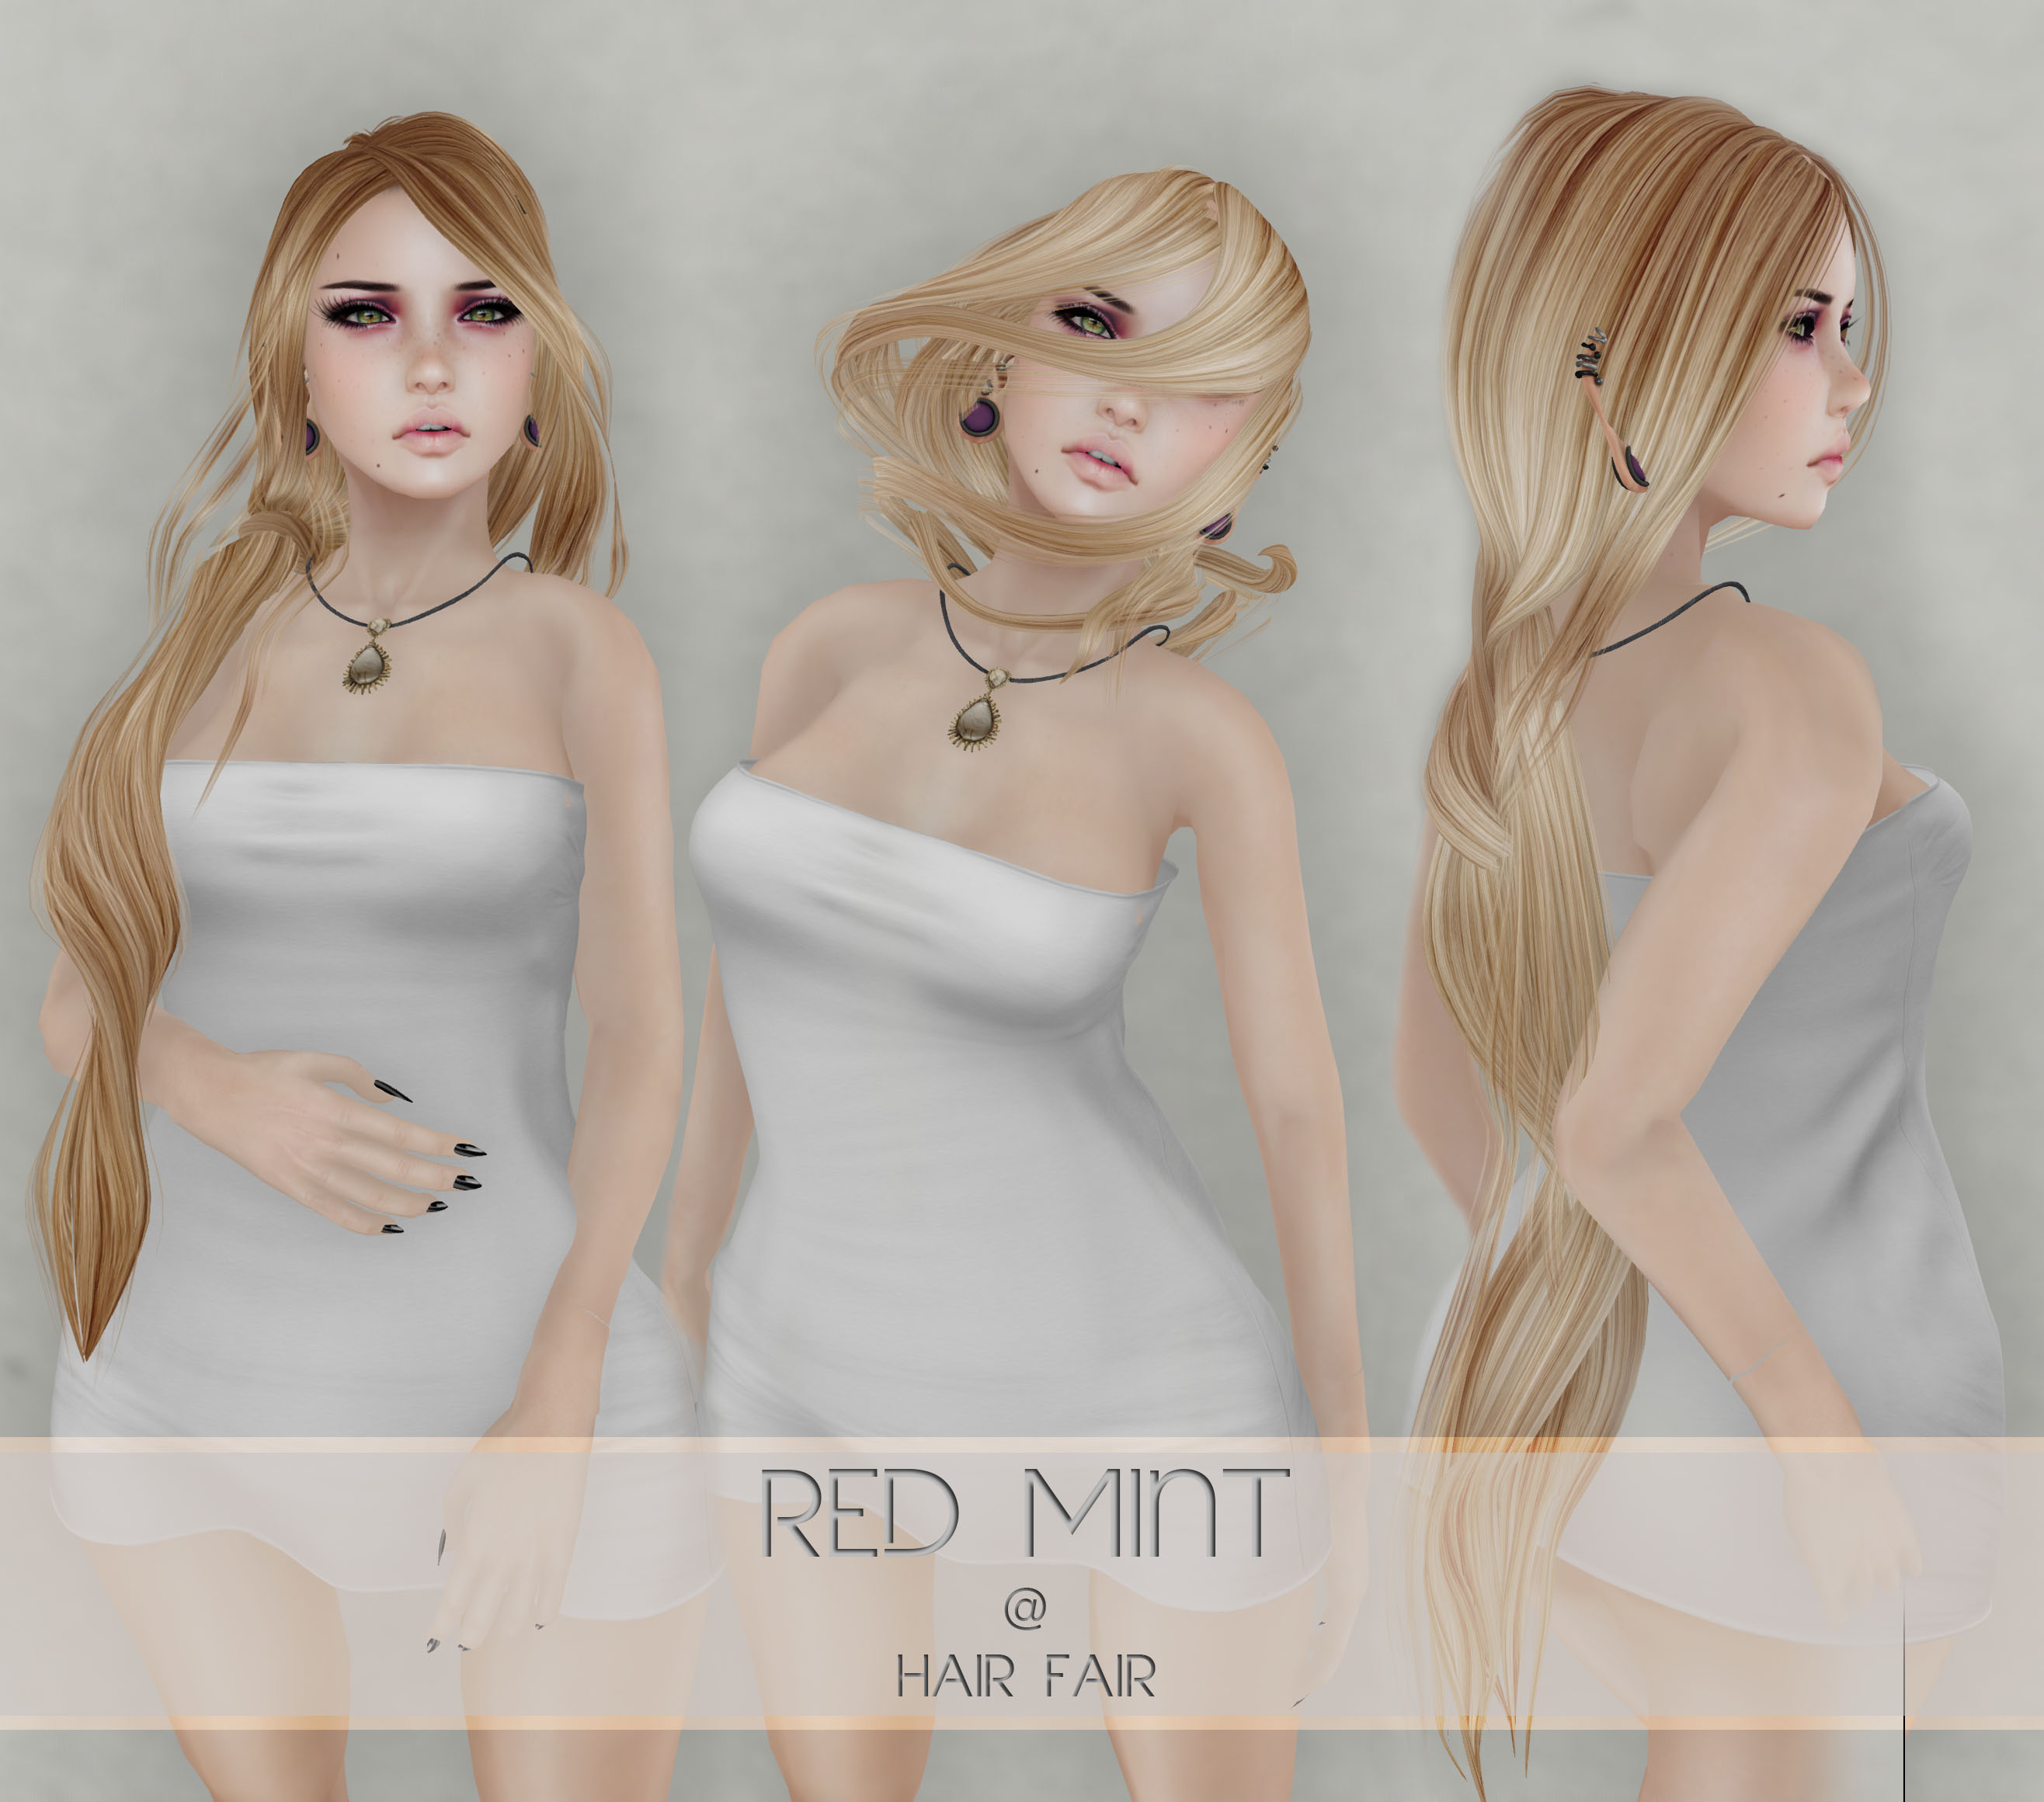 Red Mint@Hair Fair